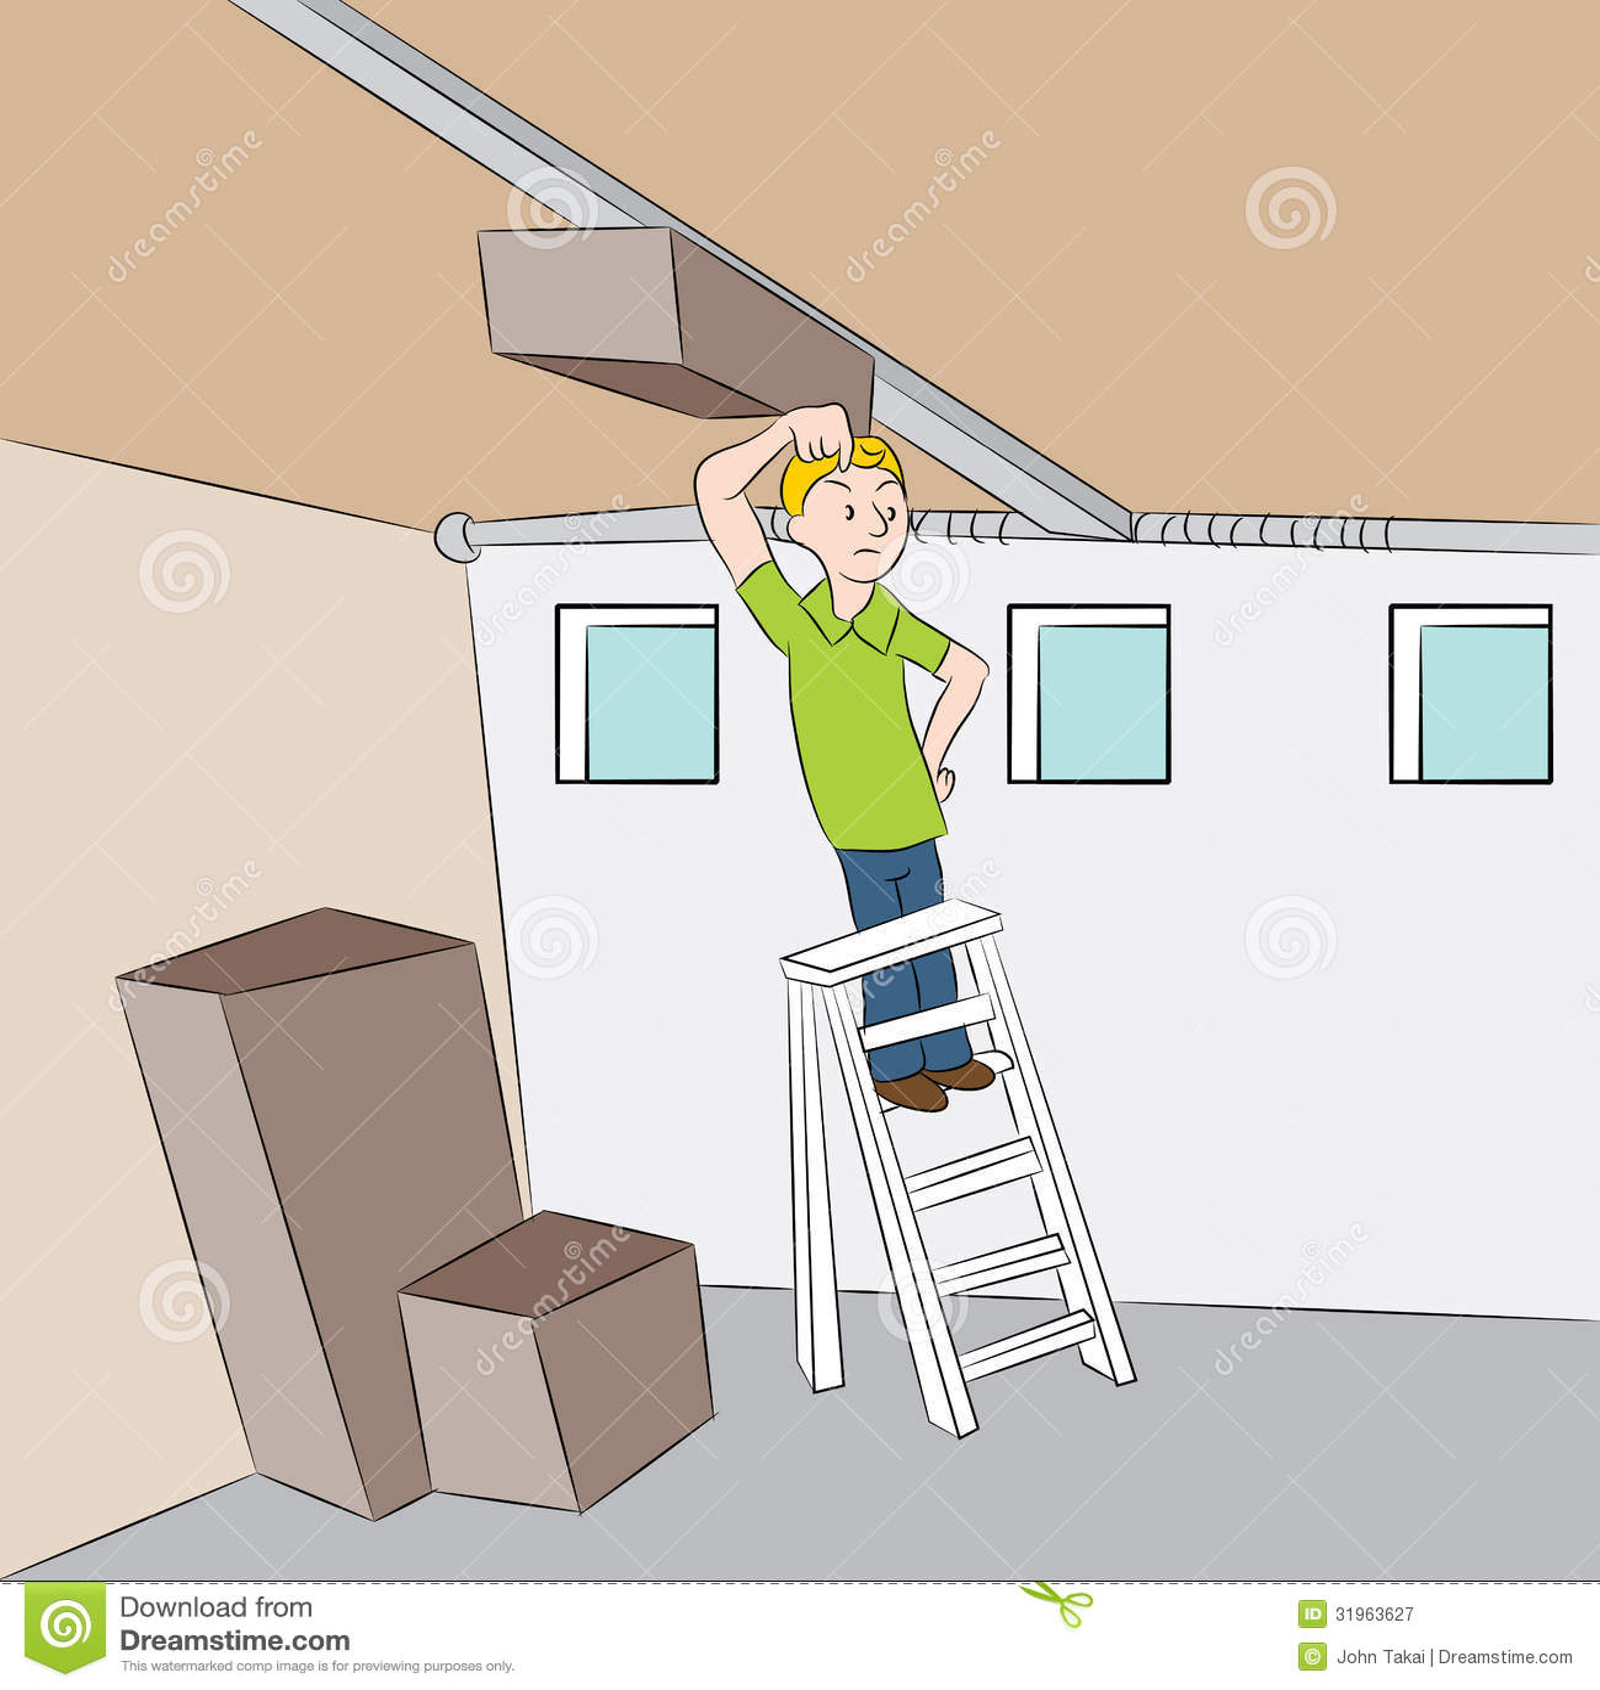 Repairing garage door stock vector illustration of for Garage man door